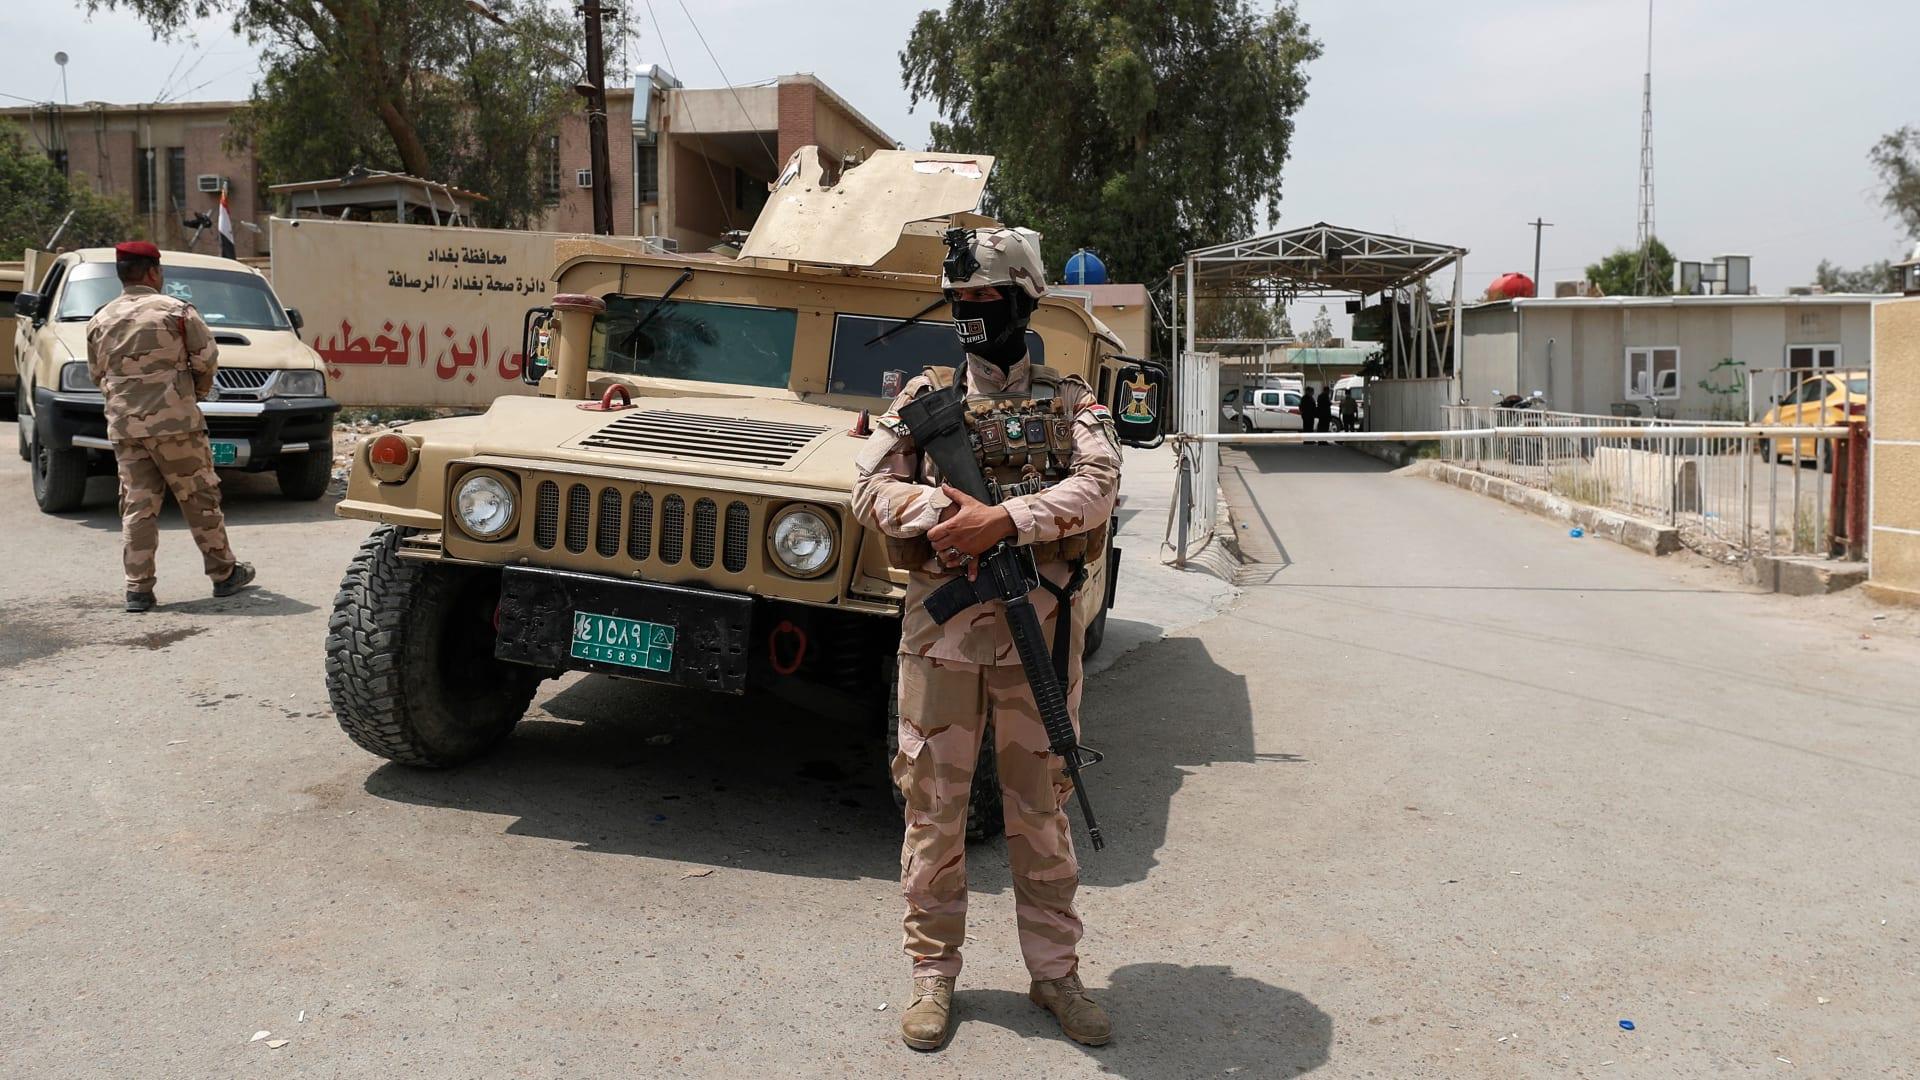 العراق: ارتفاع عدد قتلى حريق مستشفى ابن الخطيب إلى 82 شخصاً